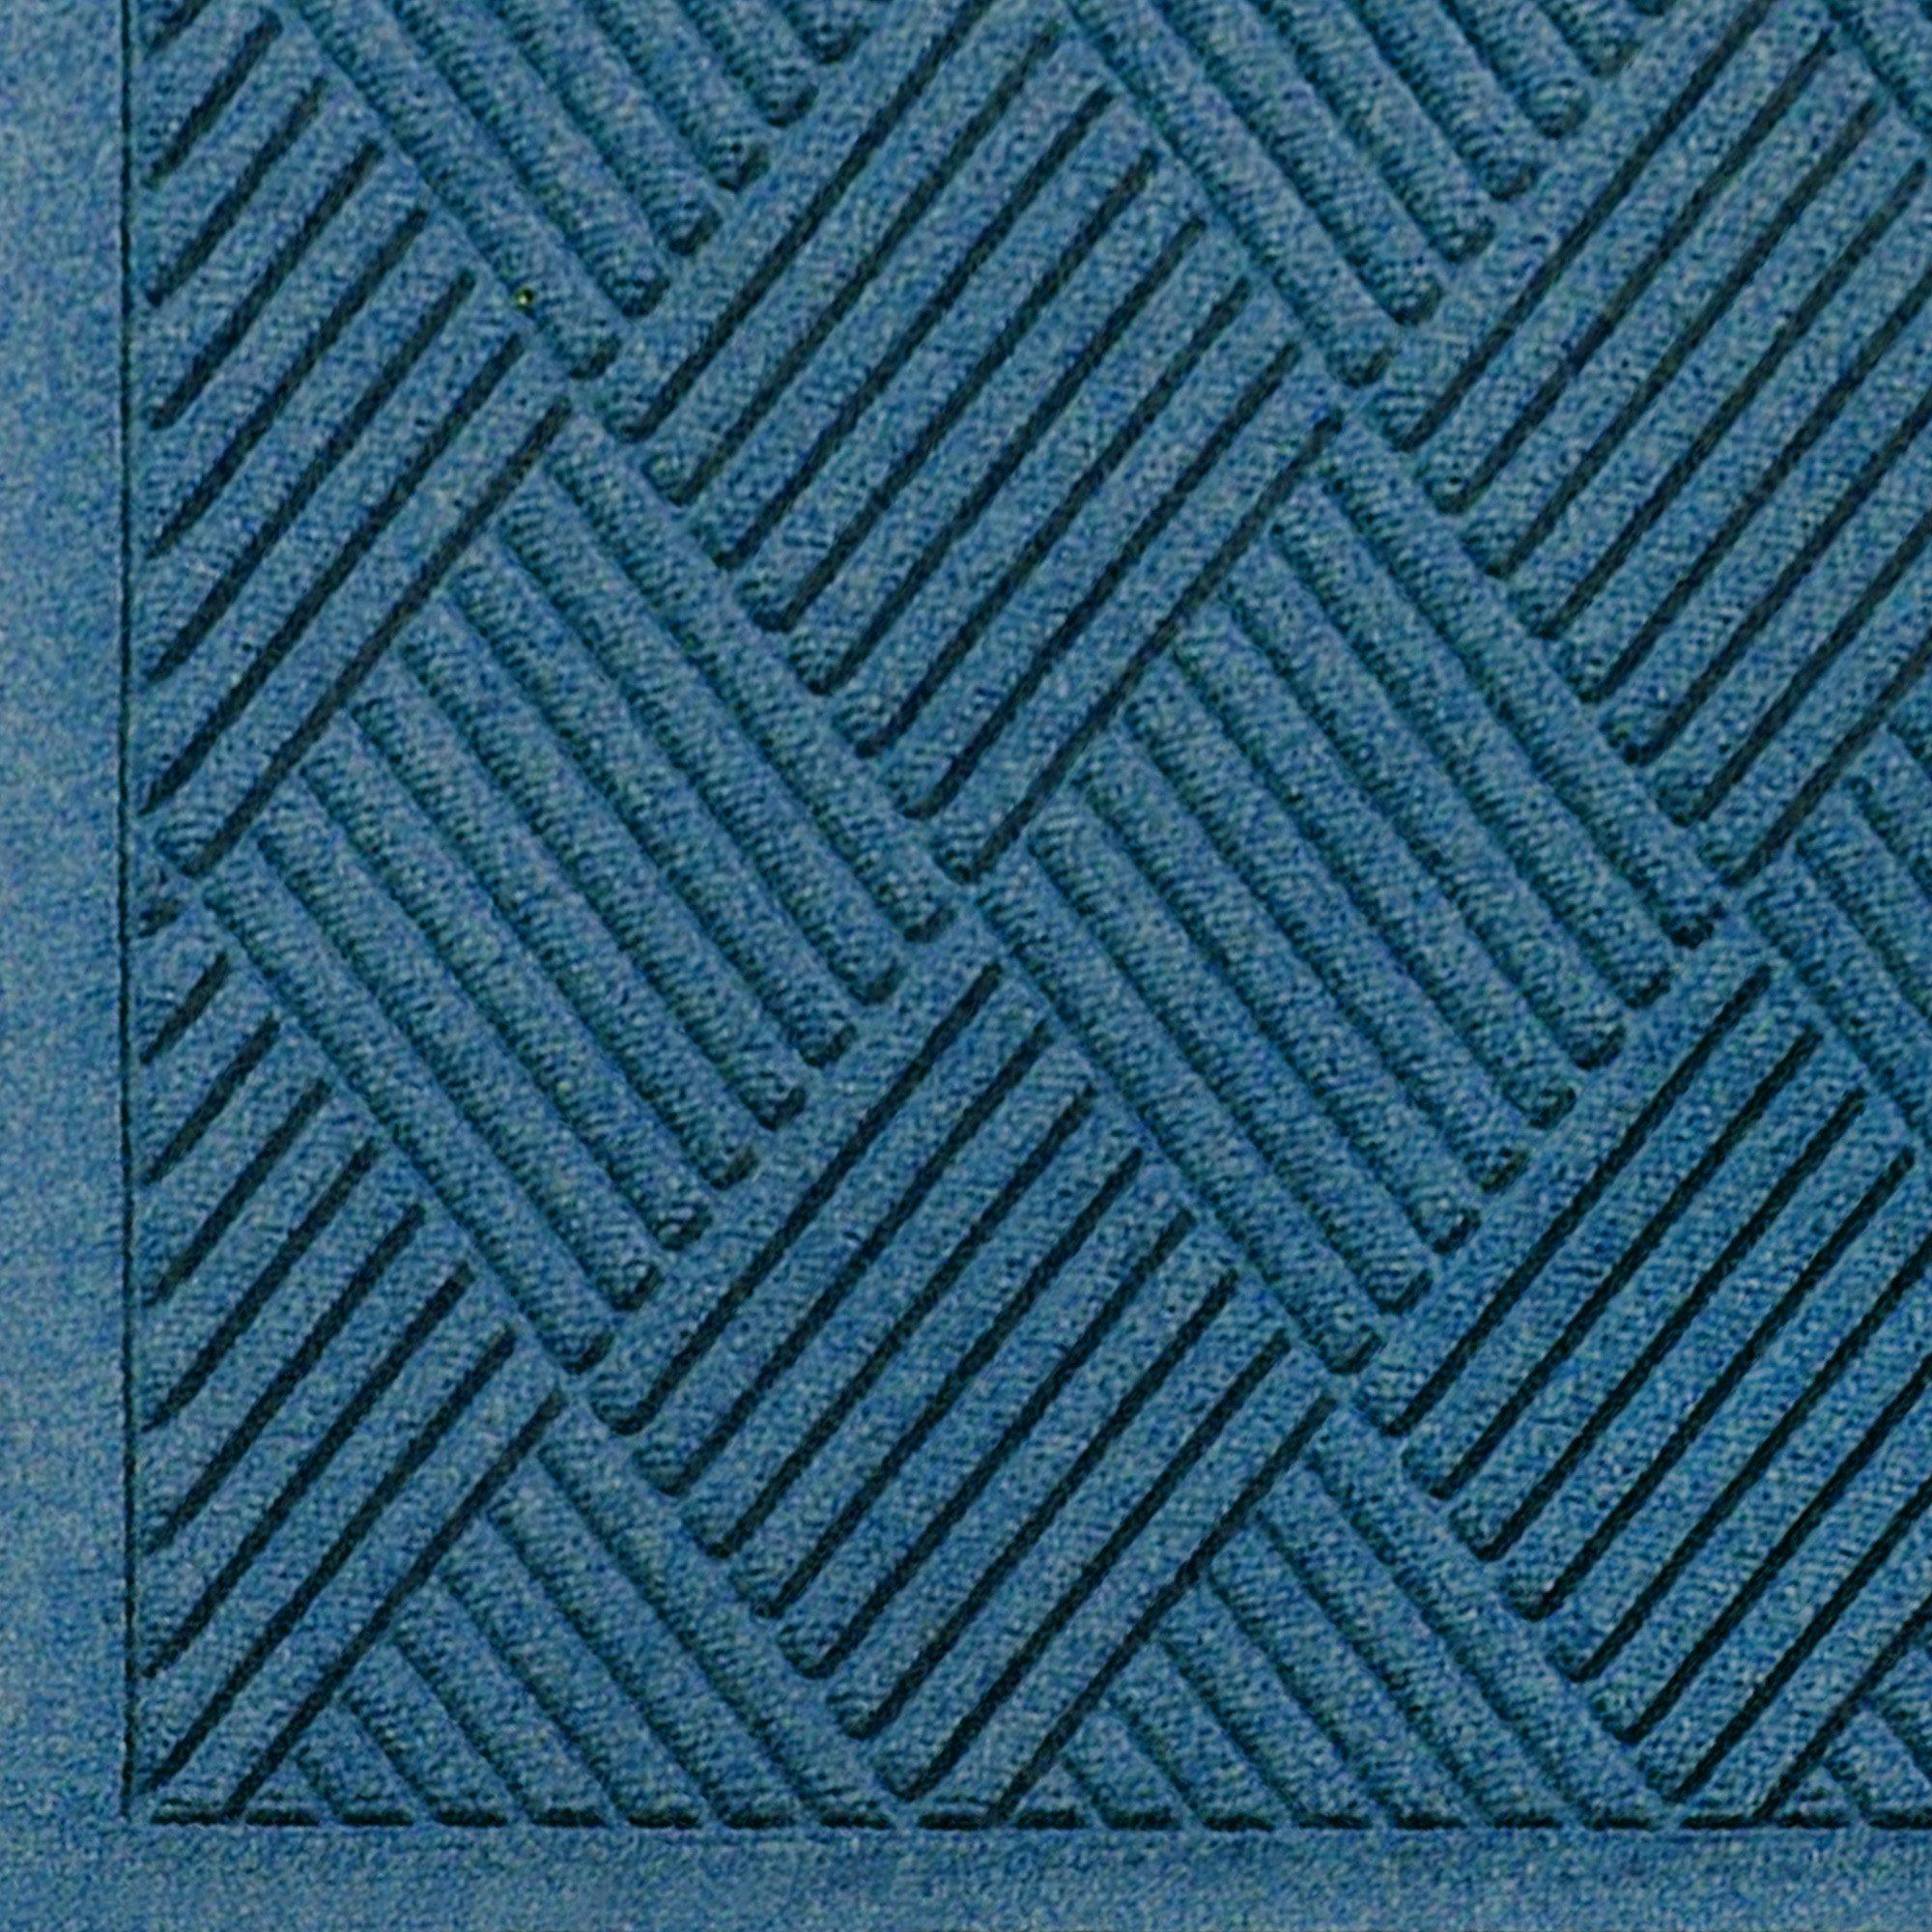 M+A Matting 221 Waterhog Fashion Diamond Polypropylene Fiber Entrance Indoor/Outdoor Floor Mat, SBR Rubber Backing, 3' Length x 2' Width, 3/8'' Thick, Medium Blue